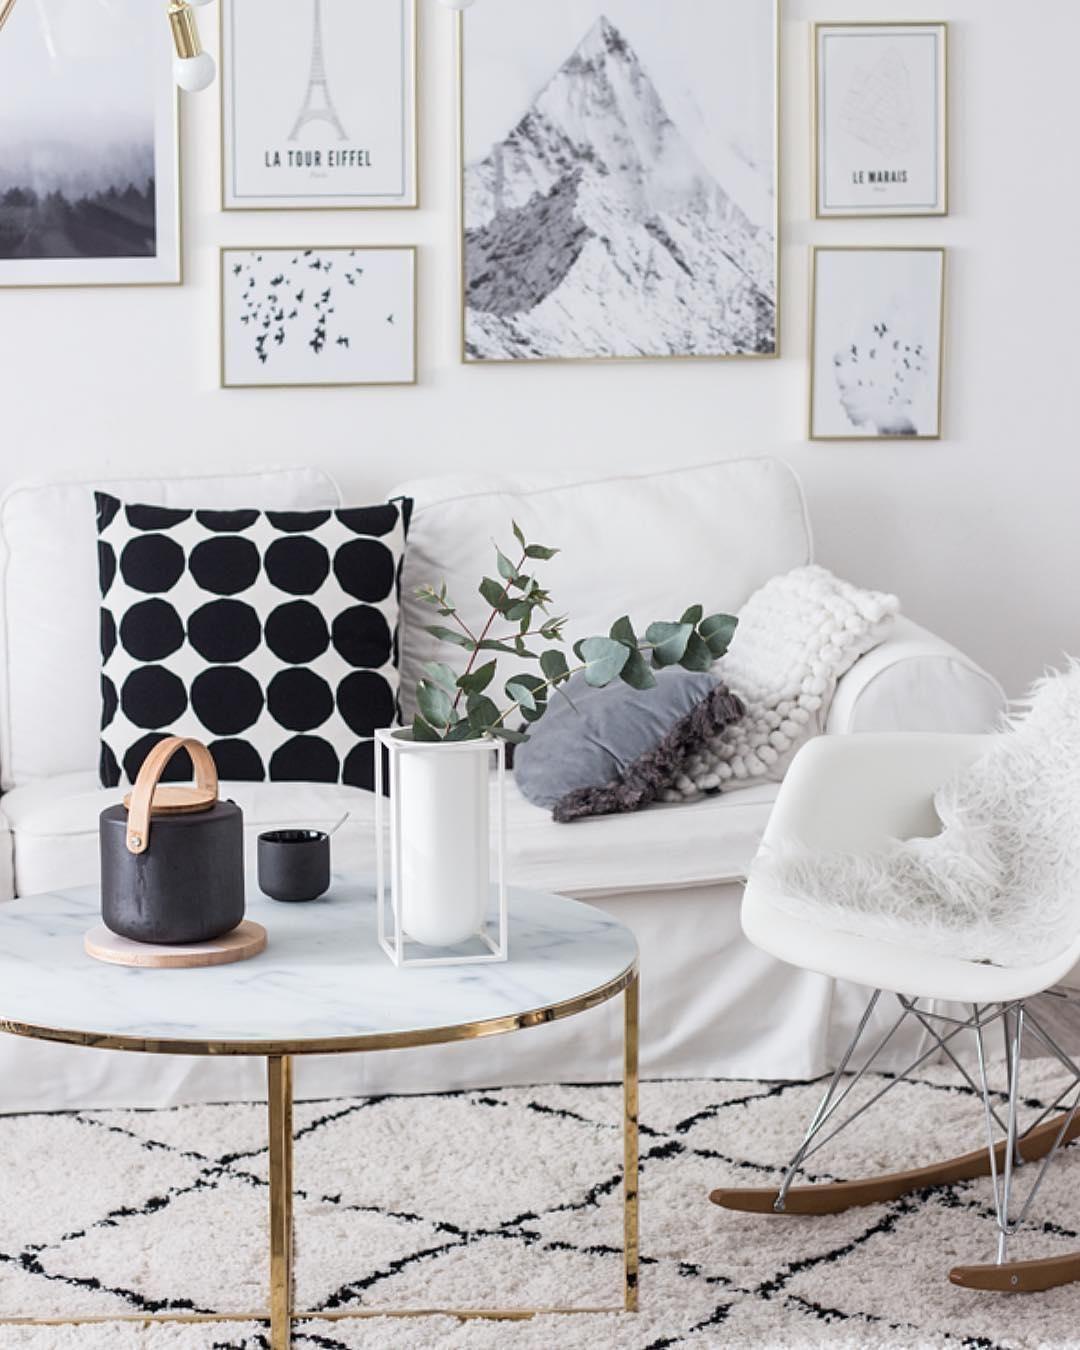 Couchtisch Antigua Mit Marmorierter Glasplatte Westwingnow Wohnzimmer Tisch Weiss Marmor Esstische Zimmer Dekor Ideen